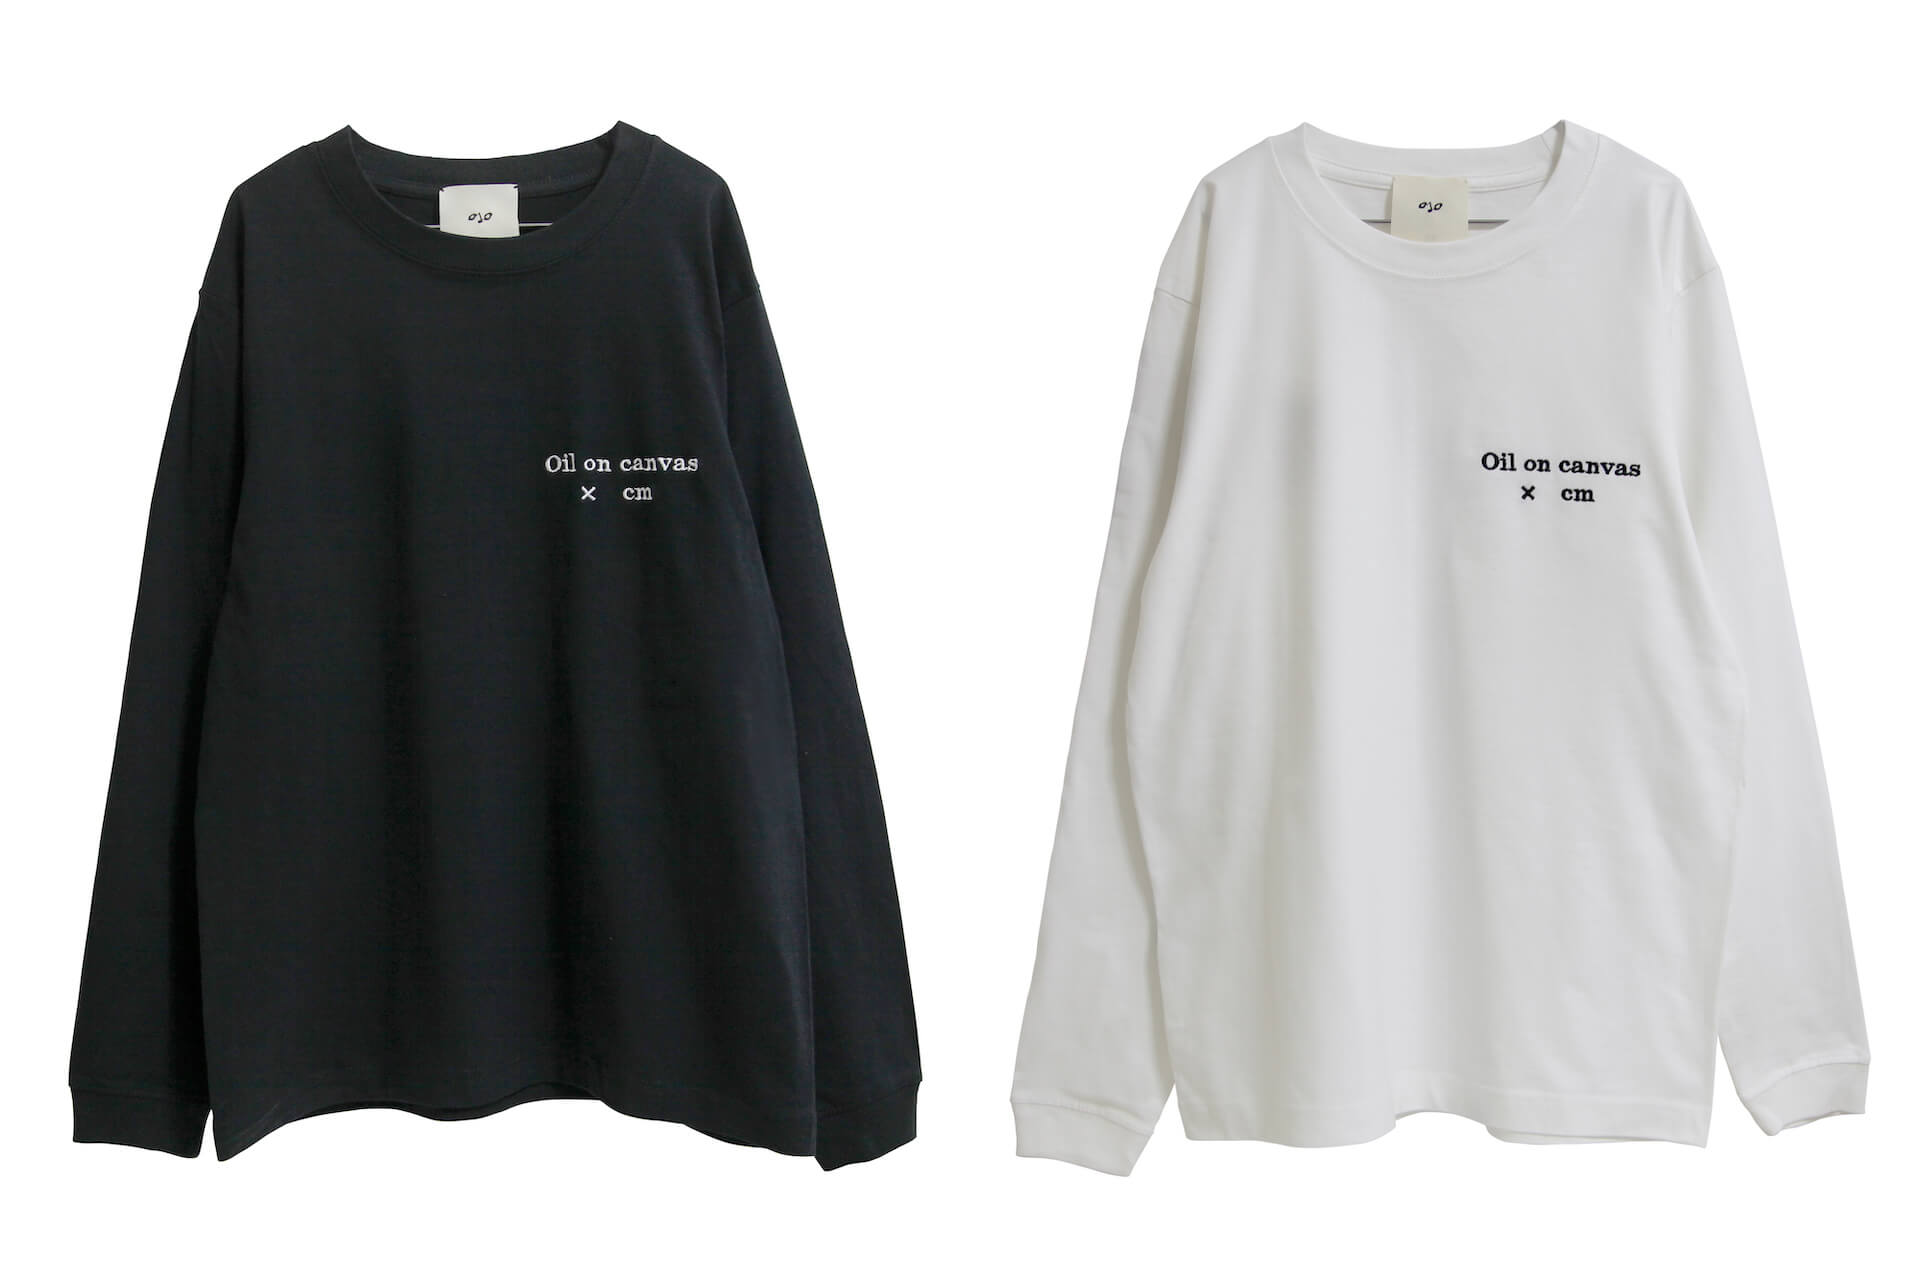 小村希史個展<OIL>が渋谷PARCO「OIL by 美術手帖」ギャラリーで開催|新作展示やオリジナルTシャツの販売も ac200313_komuramarehumi_oil_06